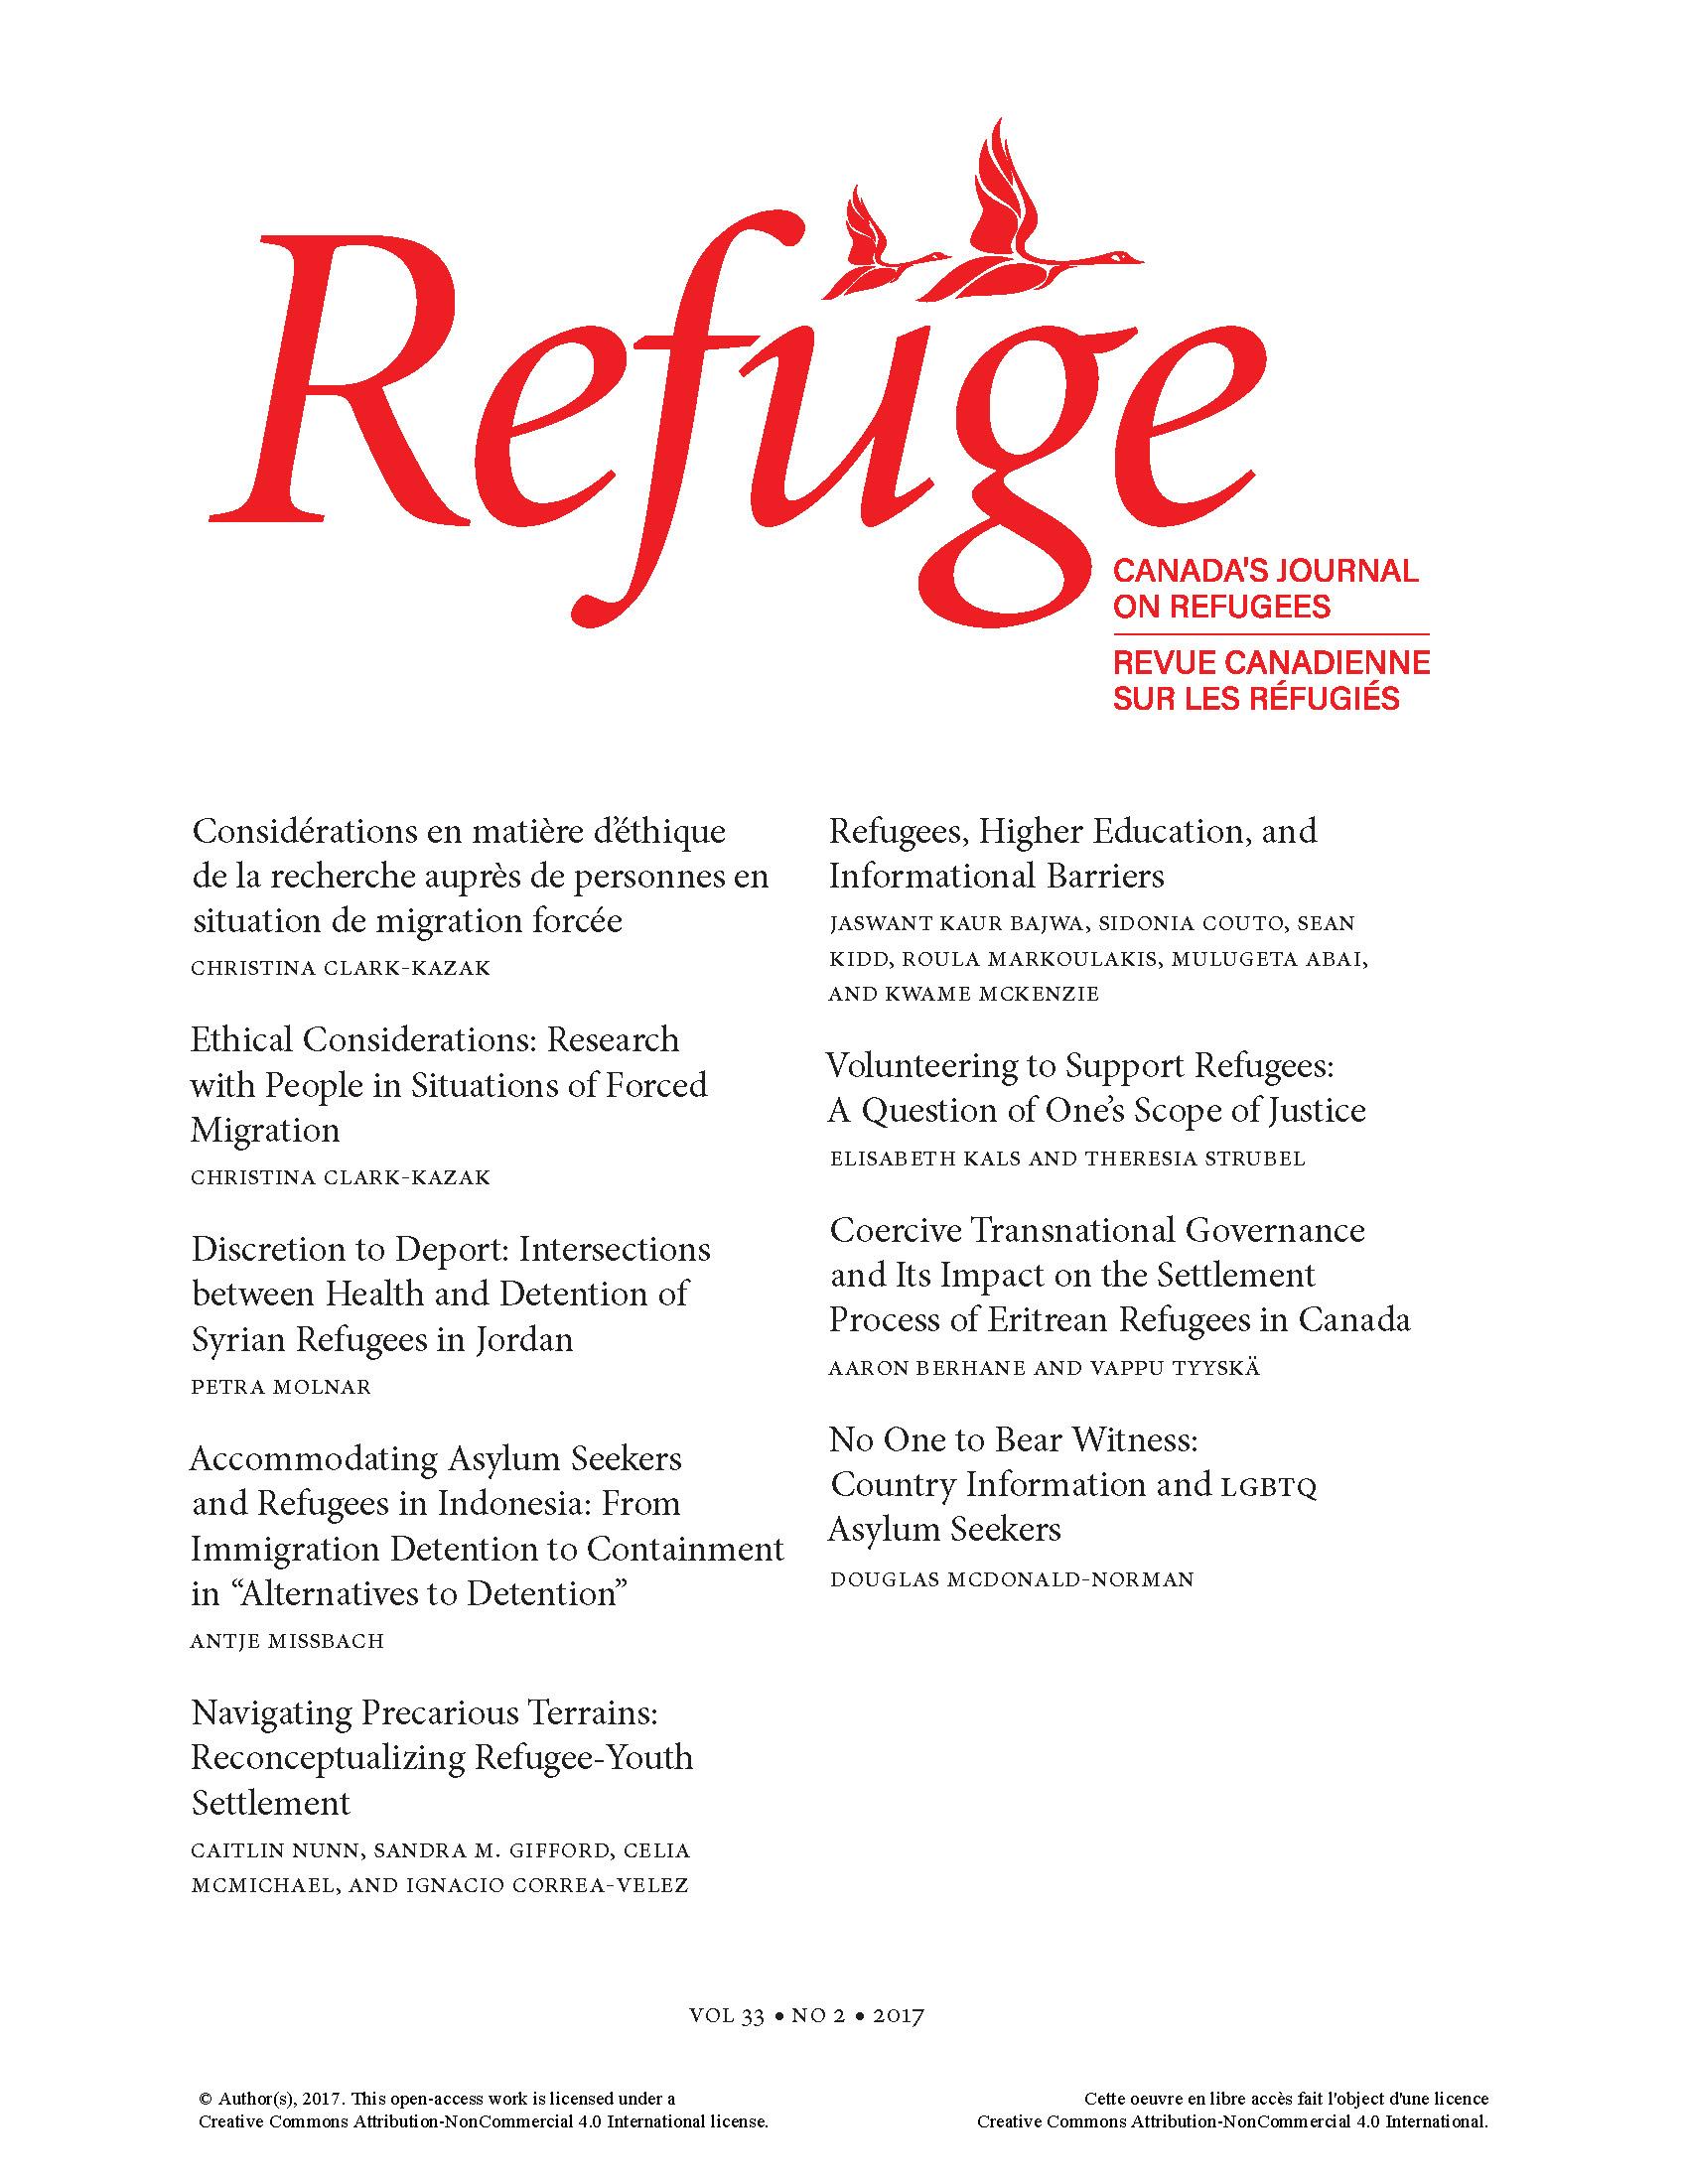 cover Refuge 33.2 2017